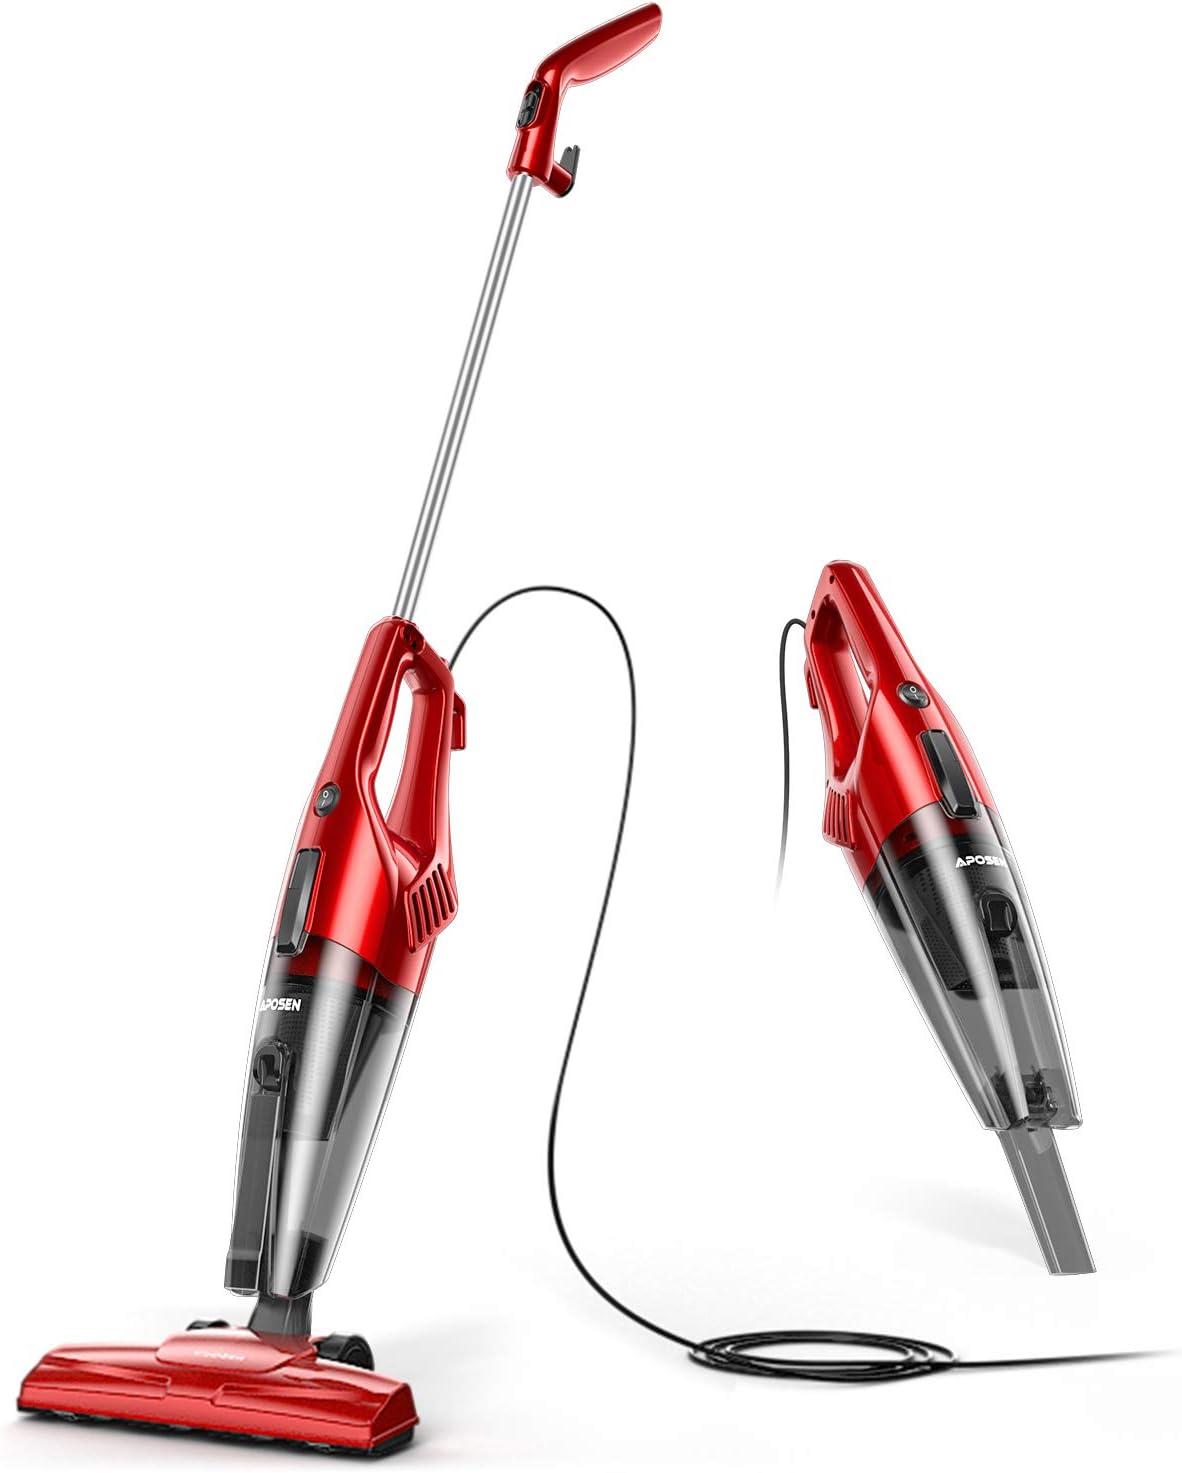 APOSEN Vacuum Cleaner 600W 15Kpa Lightweight Quiet Corded Stick Vacuum for Hard Floor Pet Hair ST600